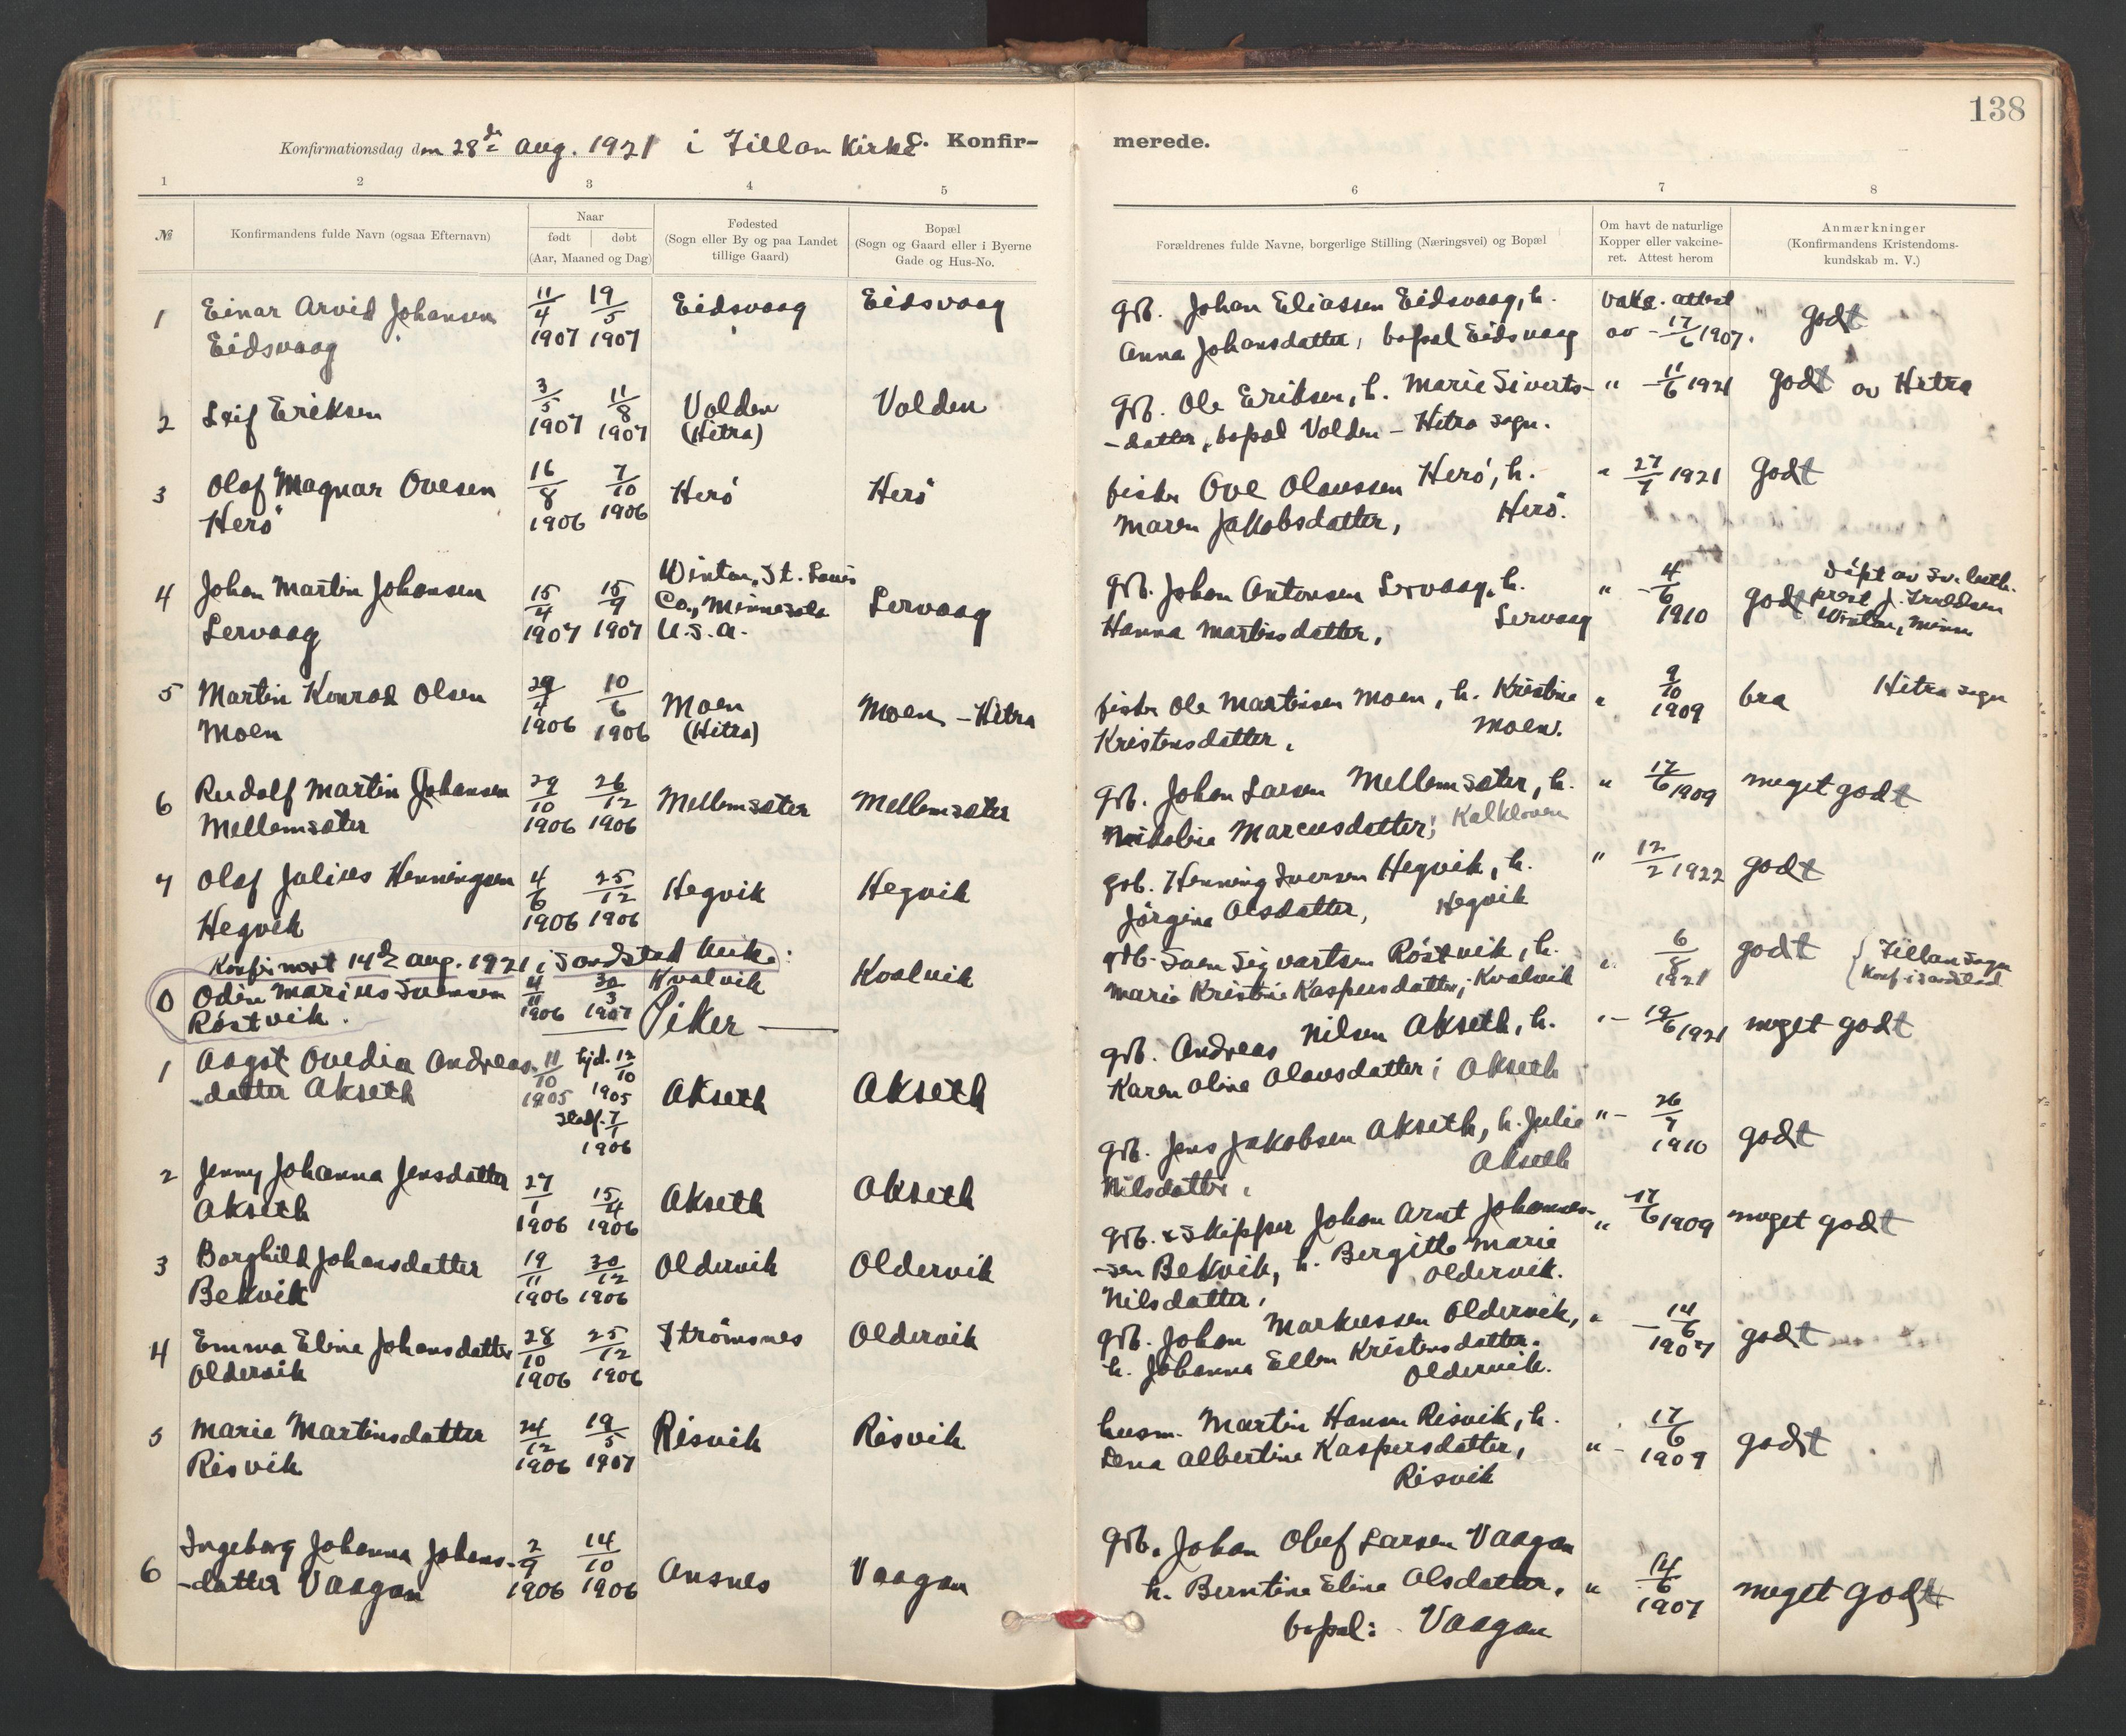 SAT, Ministerialprotokoller, klokkerbøker og fødselsregistre - Sør-Trøndelag, 637/L0559: Ministerialbok nr. 637A02, 1899-1923, s. 138